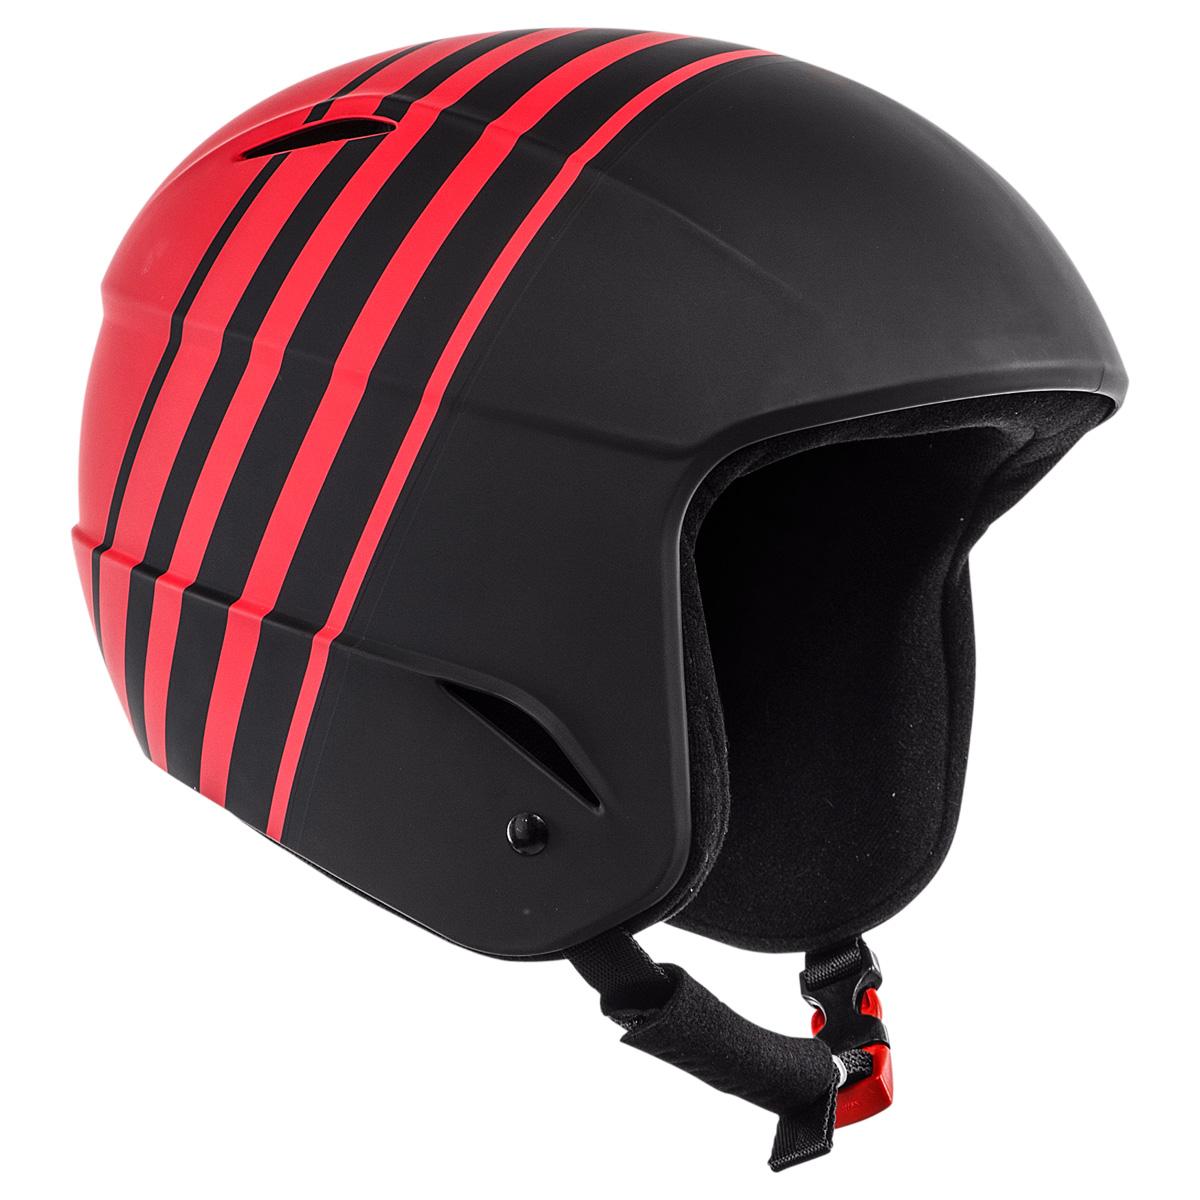 Casco sci Dainese D-Race (Colore: nero-rosso, Taglia: S/M)